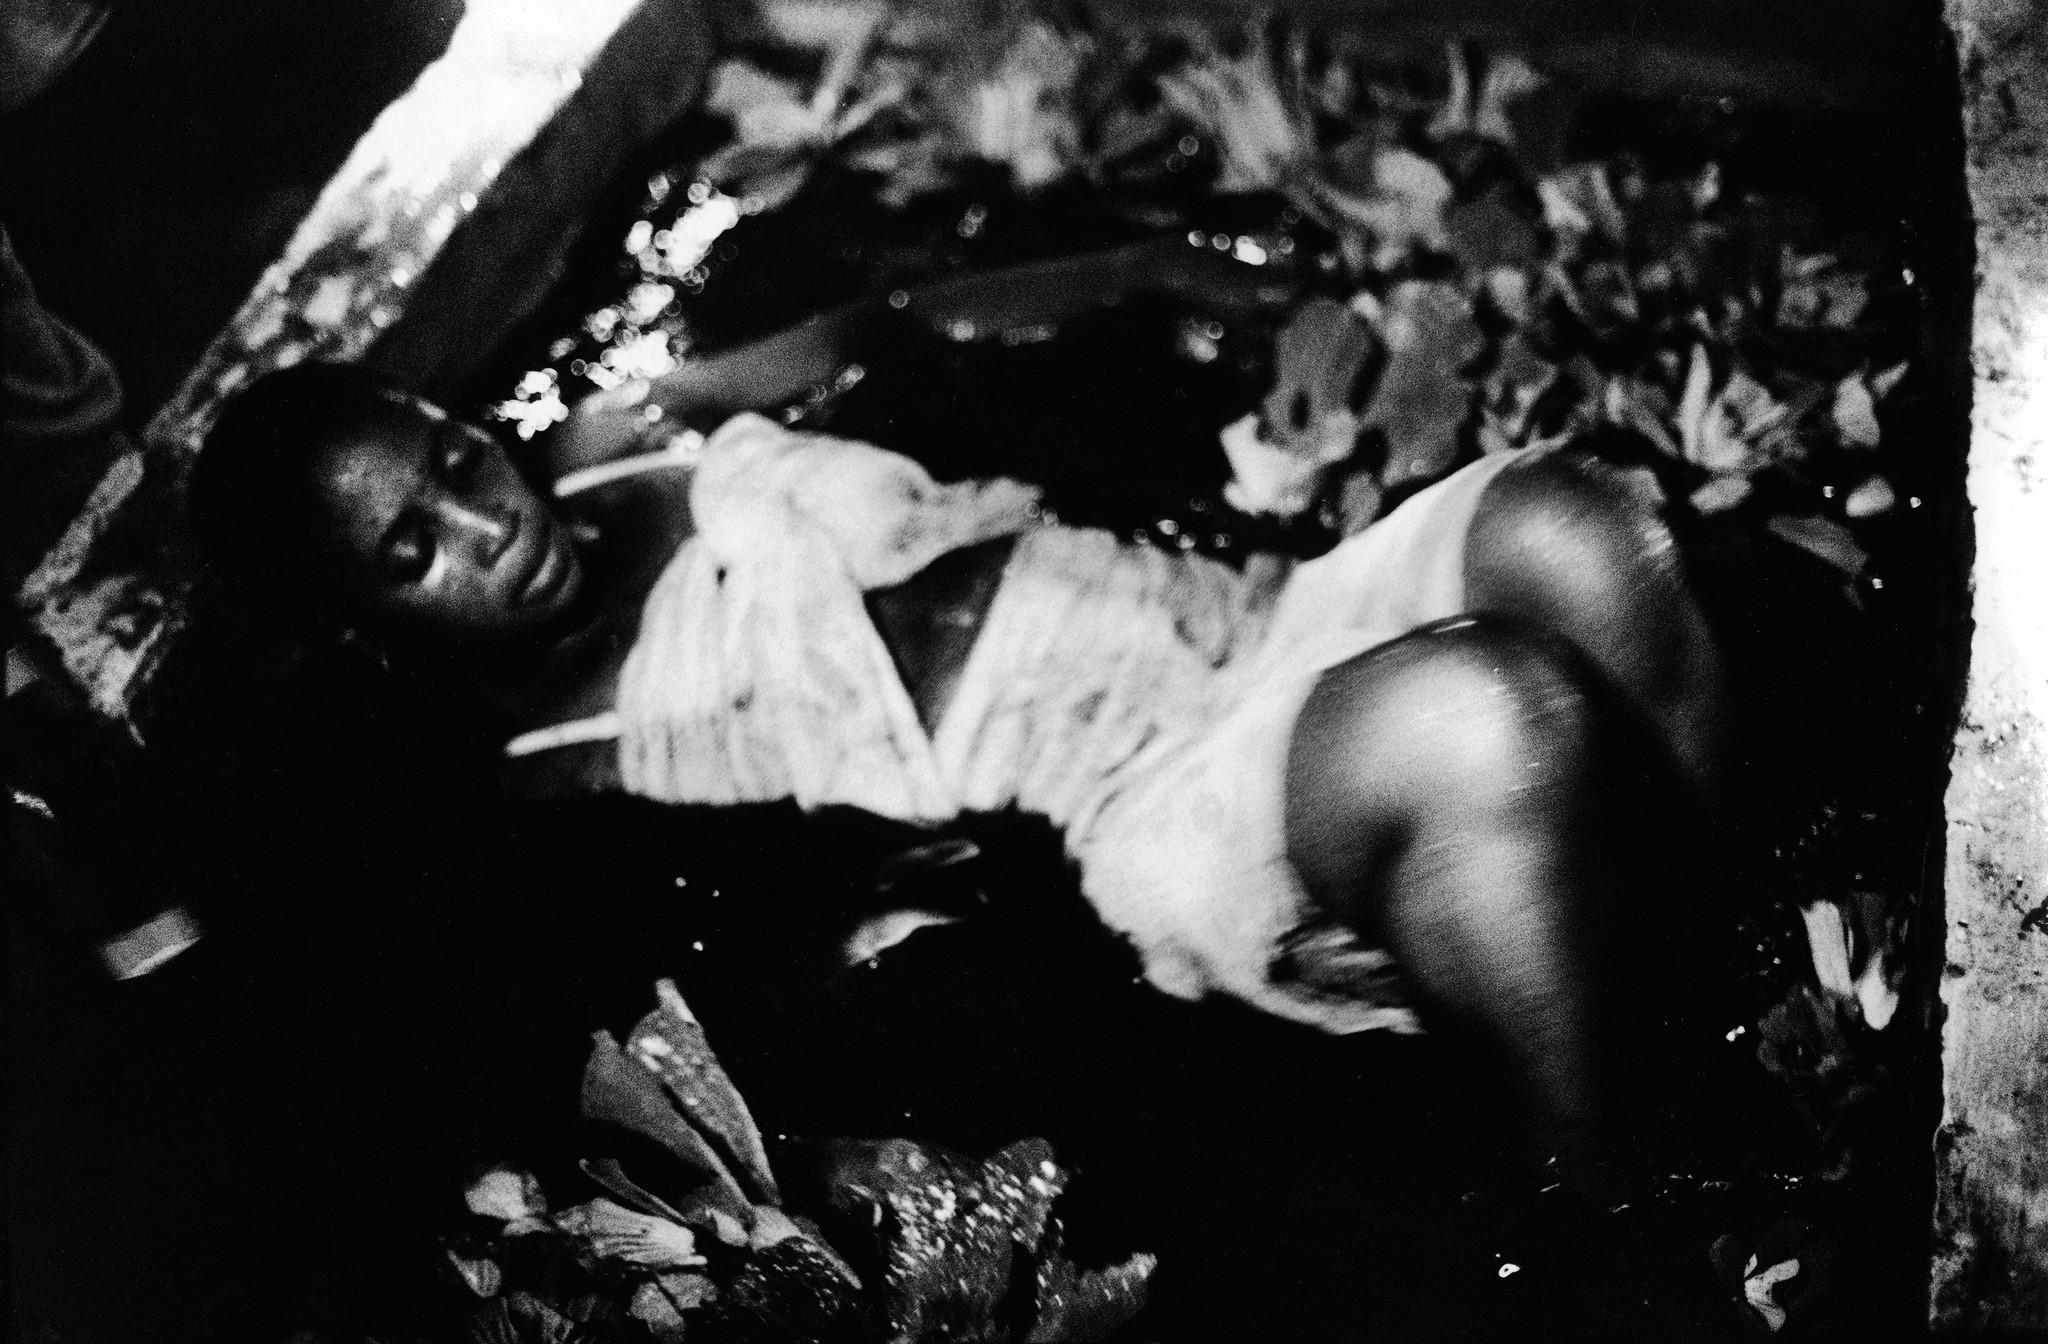 Sèrie: Viatge al país de les ànimes. Komian Adjoua posseguda per Mami Watta al estanc sagrat d'Aniansue. Costa d'Ivori 1998